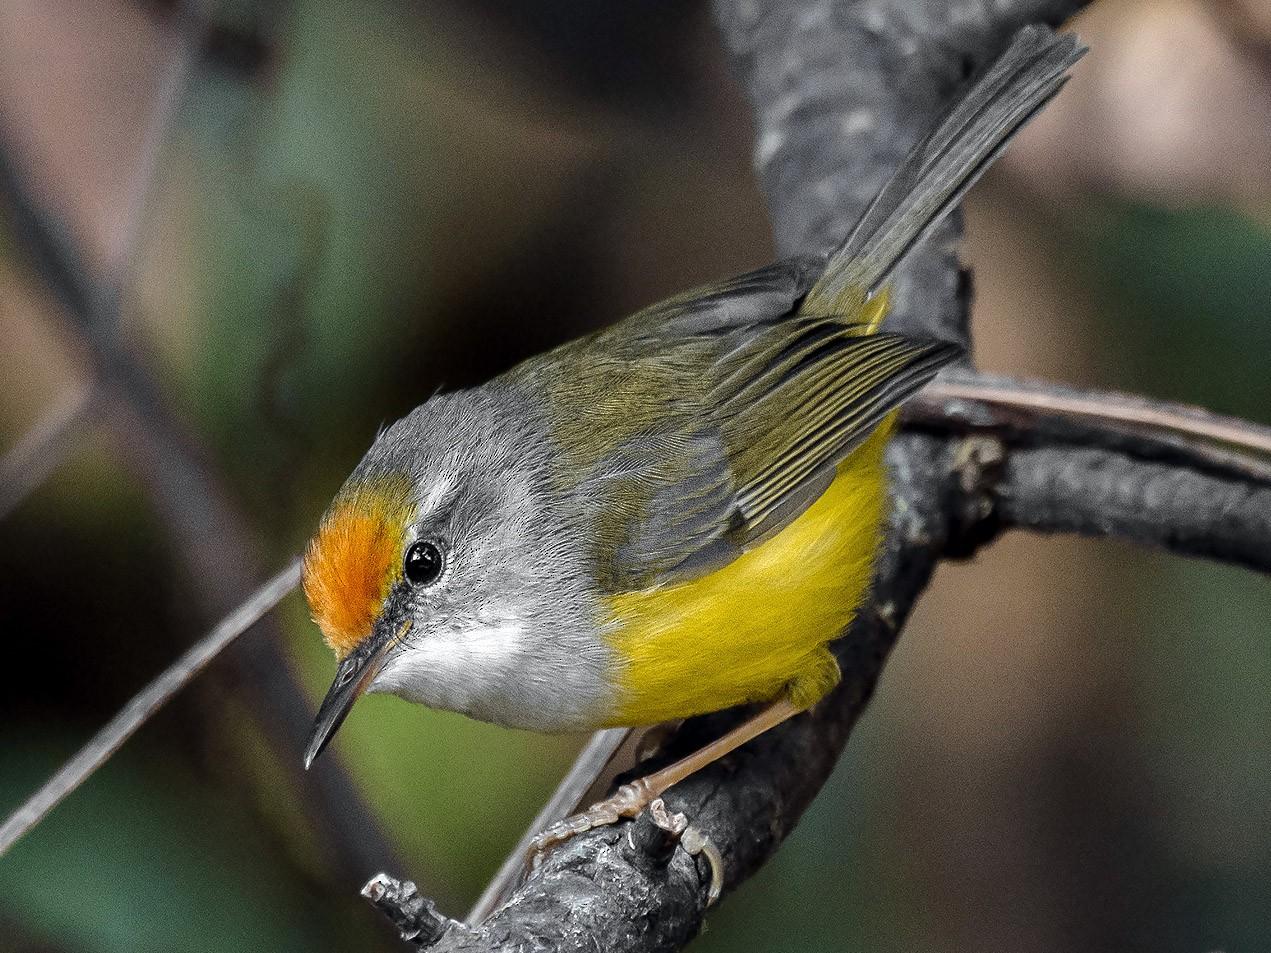 Mountain Tailorbird - Natthaphat Chotjuckdikul